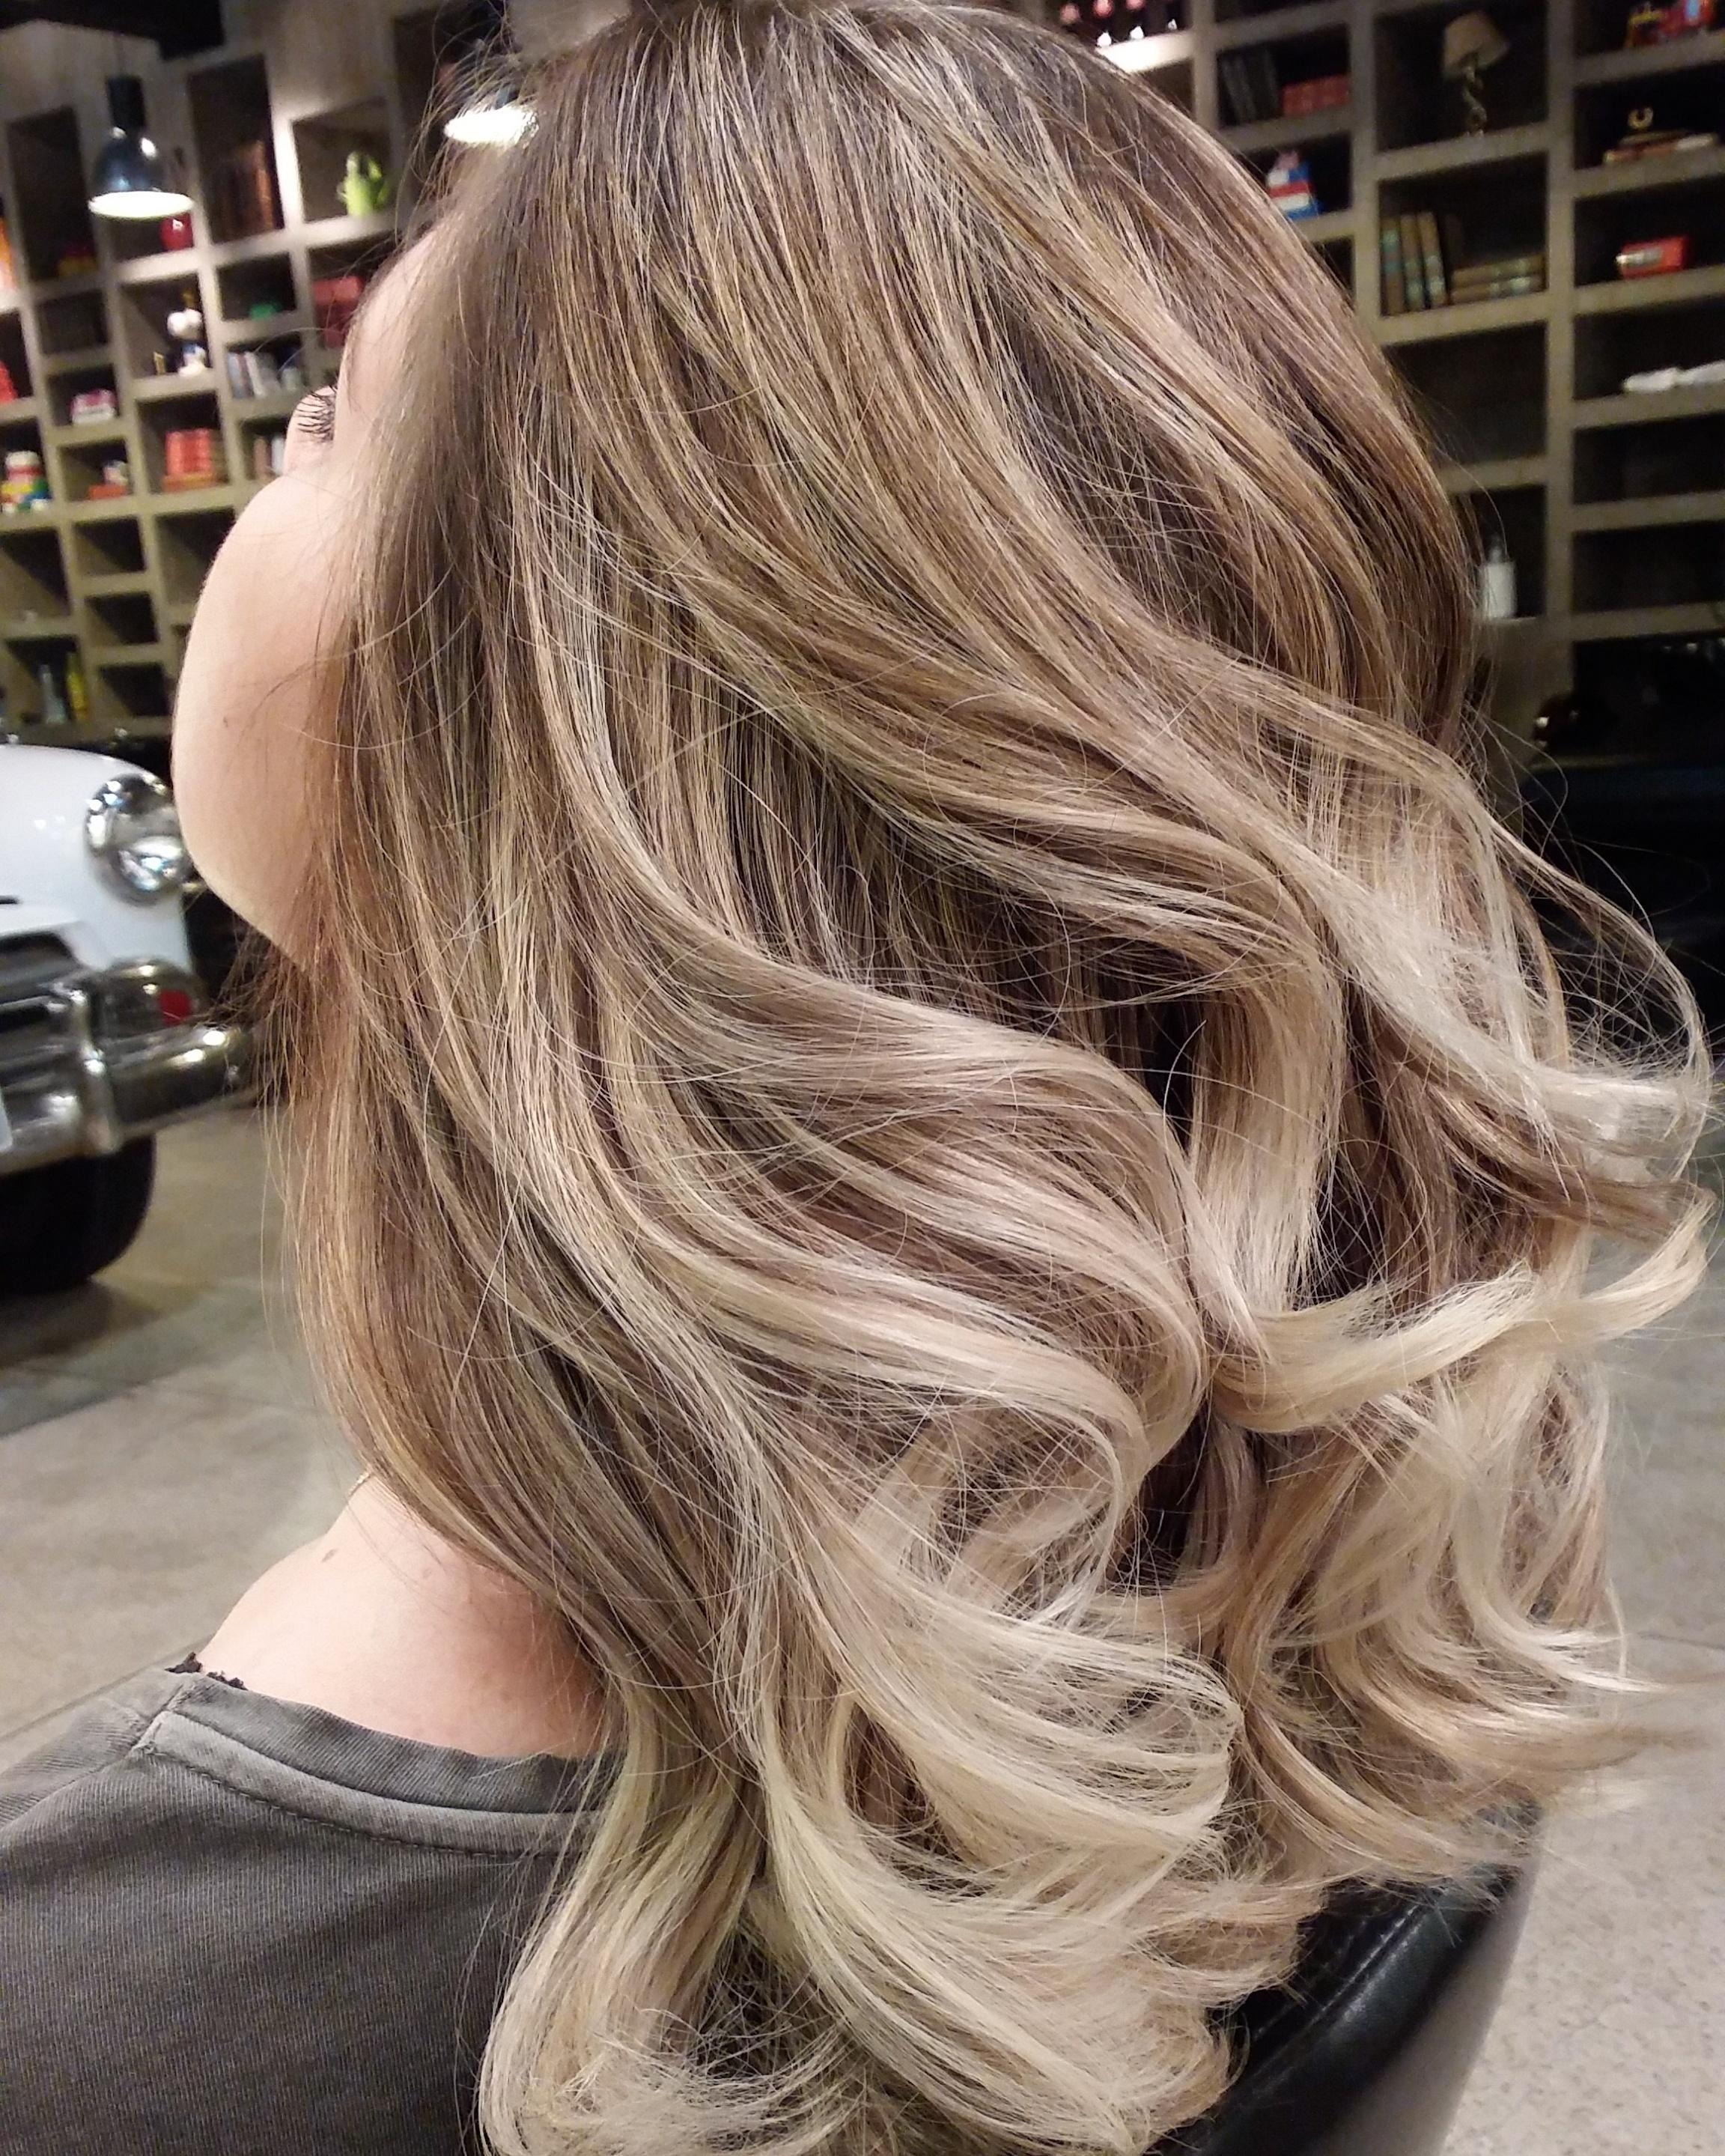 Ombre..   @brunnomoreno #eusouretro #retro#retrohair #vivaessaexperiencia #cabelo #ombre #cabelonovo#client #colorist #wella #wellailuminacolor #colorimetria   cabeleireiro(a)